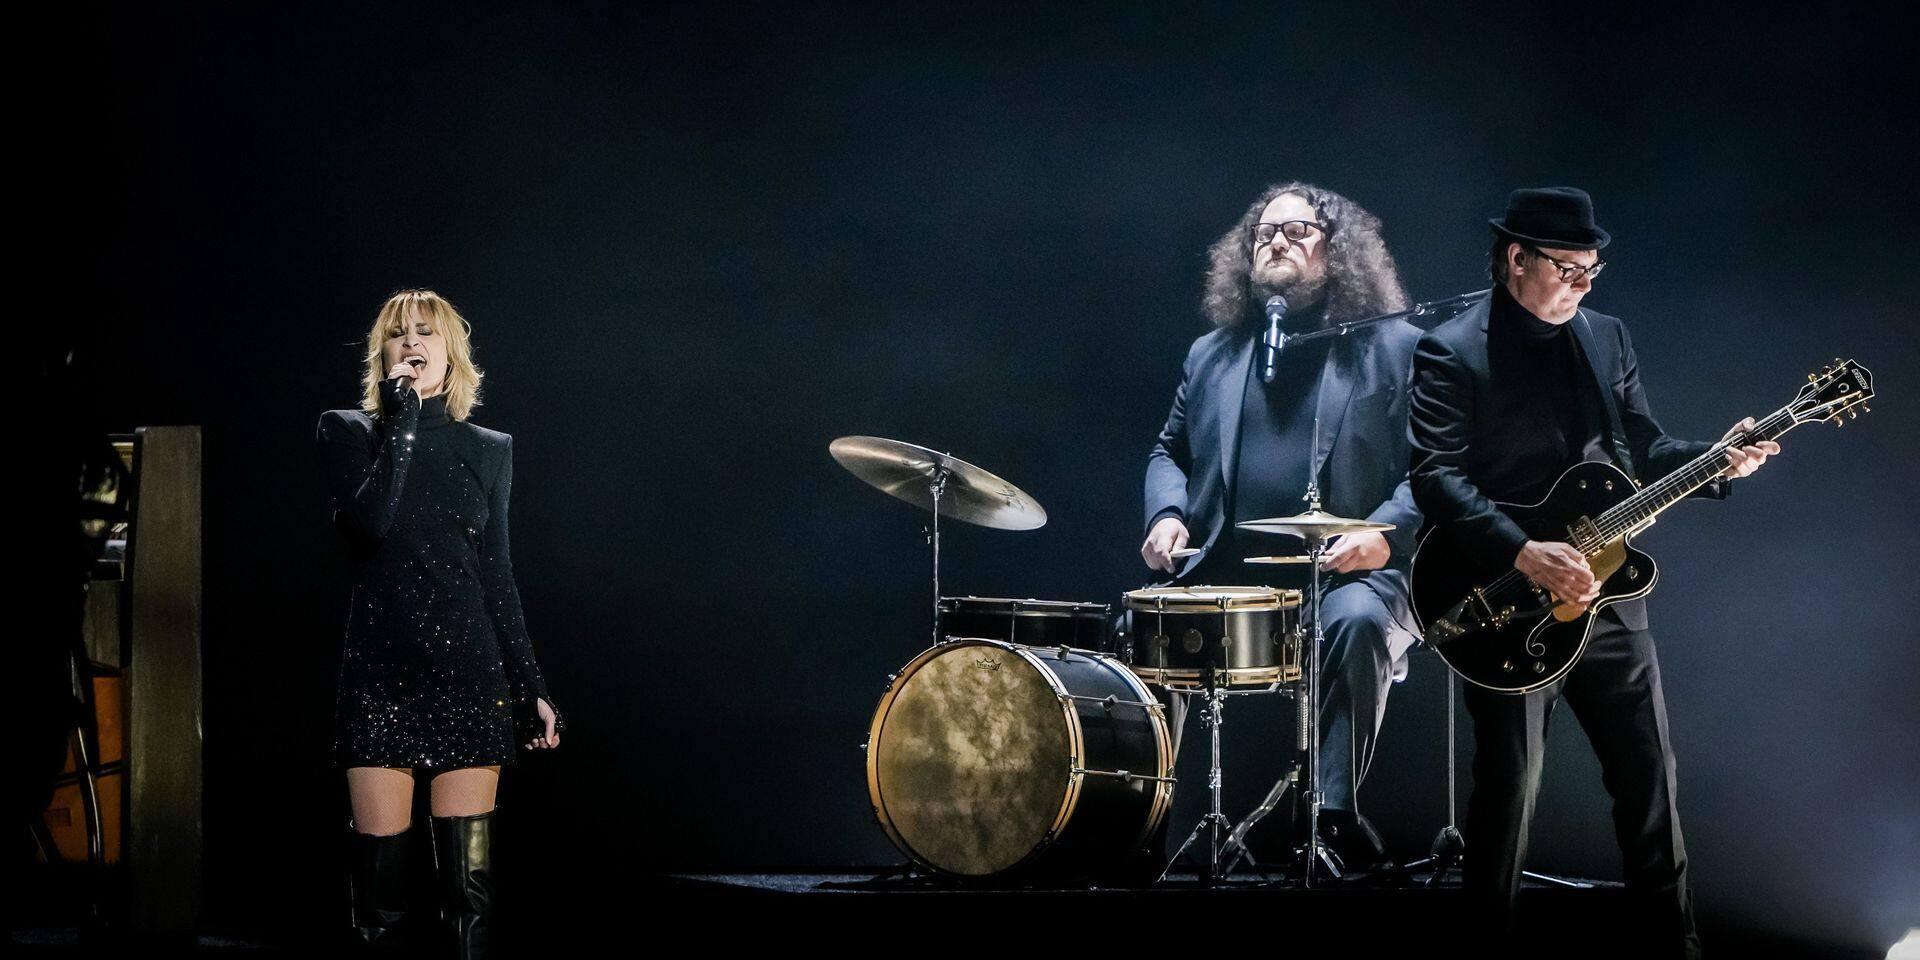 """Hooverphonic réagit à son résultat décevant à l'Eurovision: """"Peut-être que nous n'avons pas été assez dans le divertissement"""""""